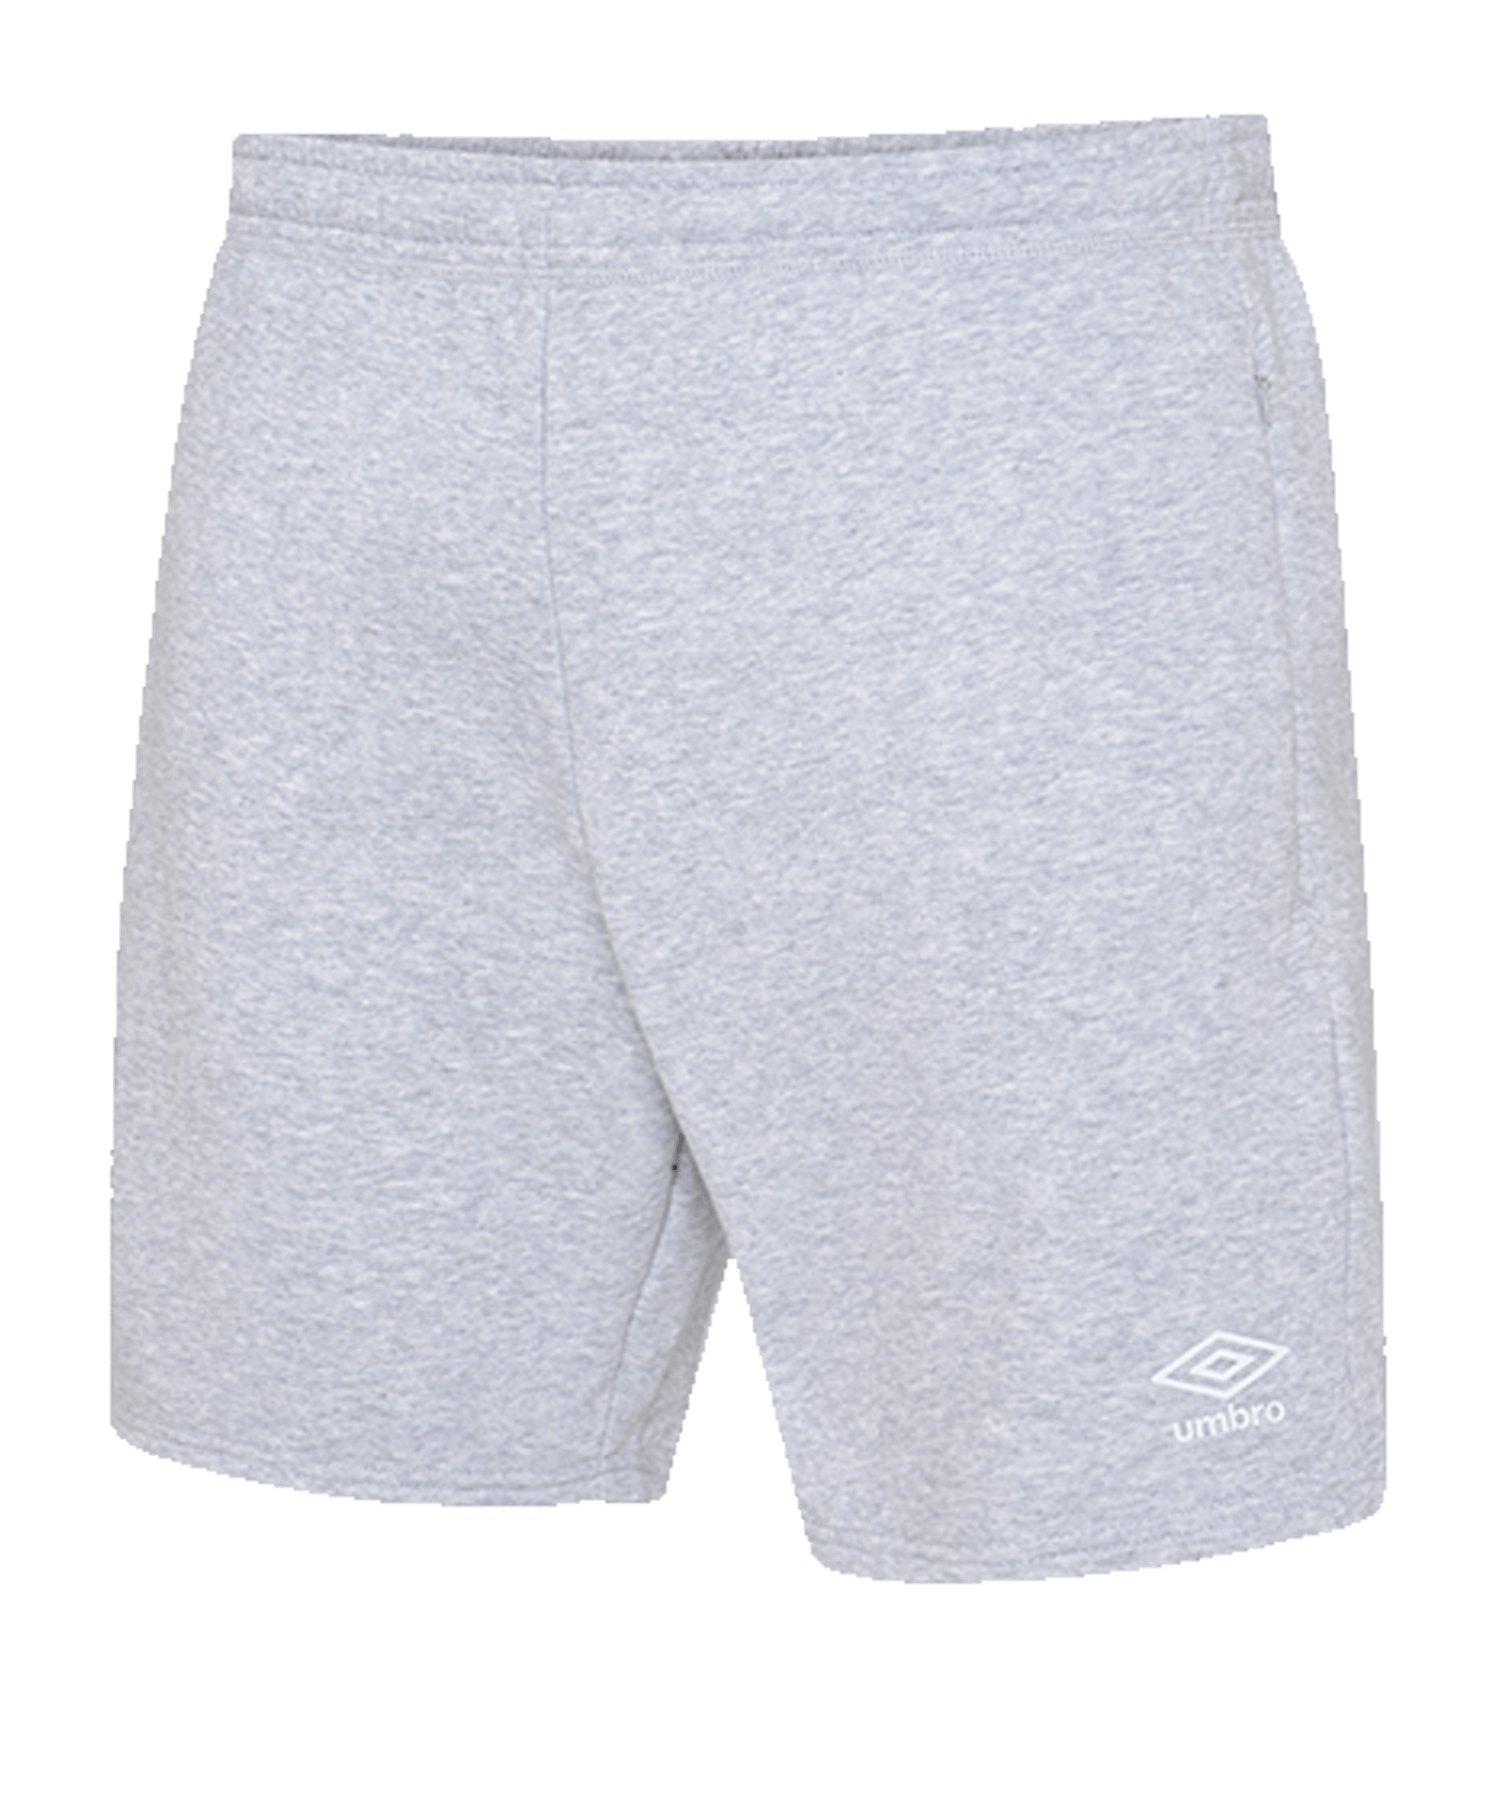 Umbro Club Leisure Jog Short Grau FP12 - grau